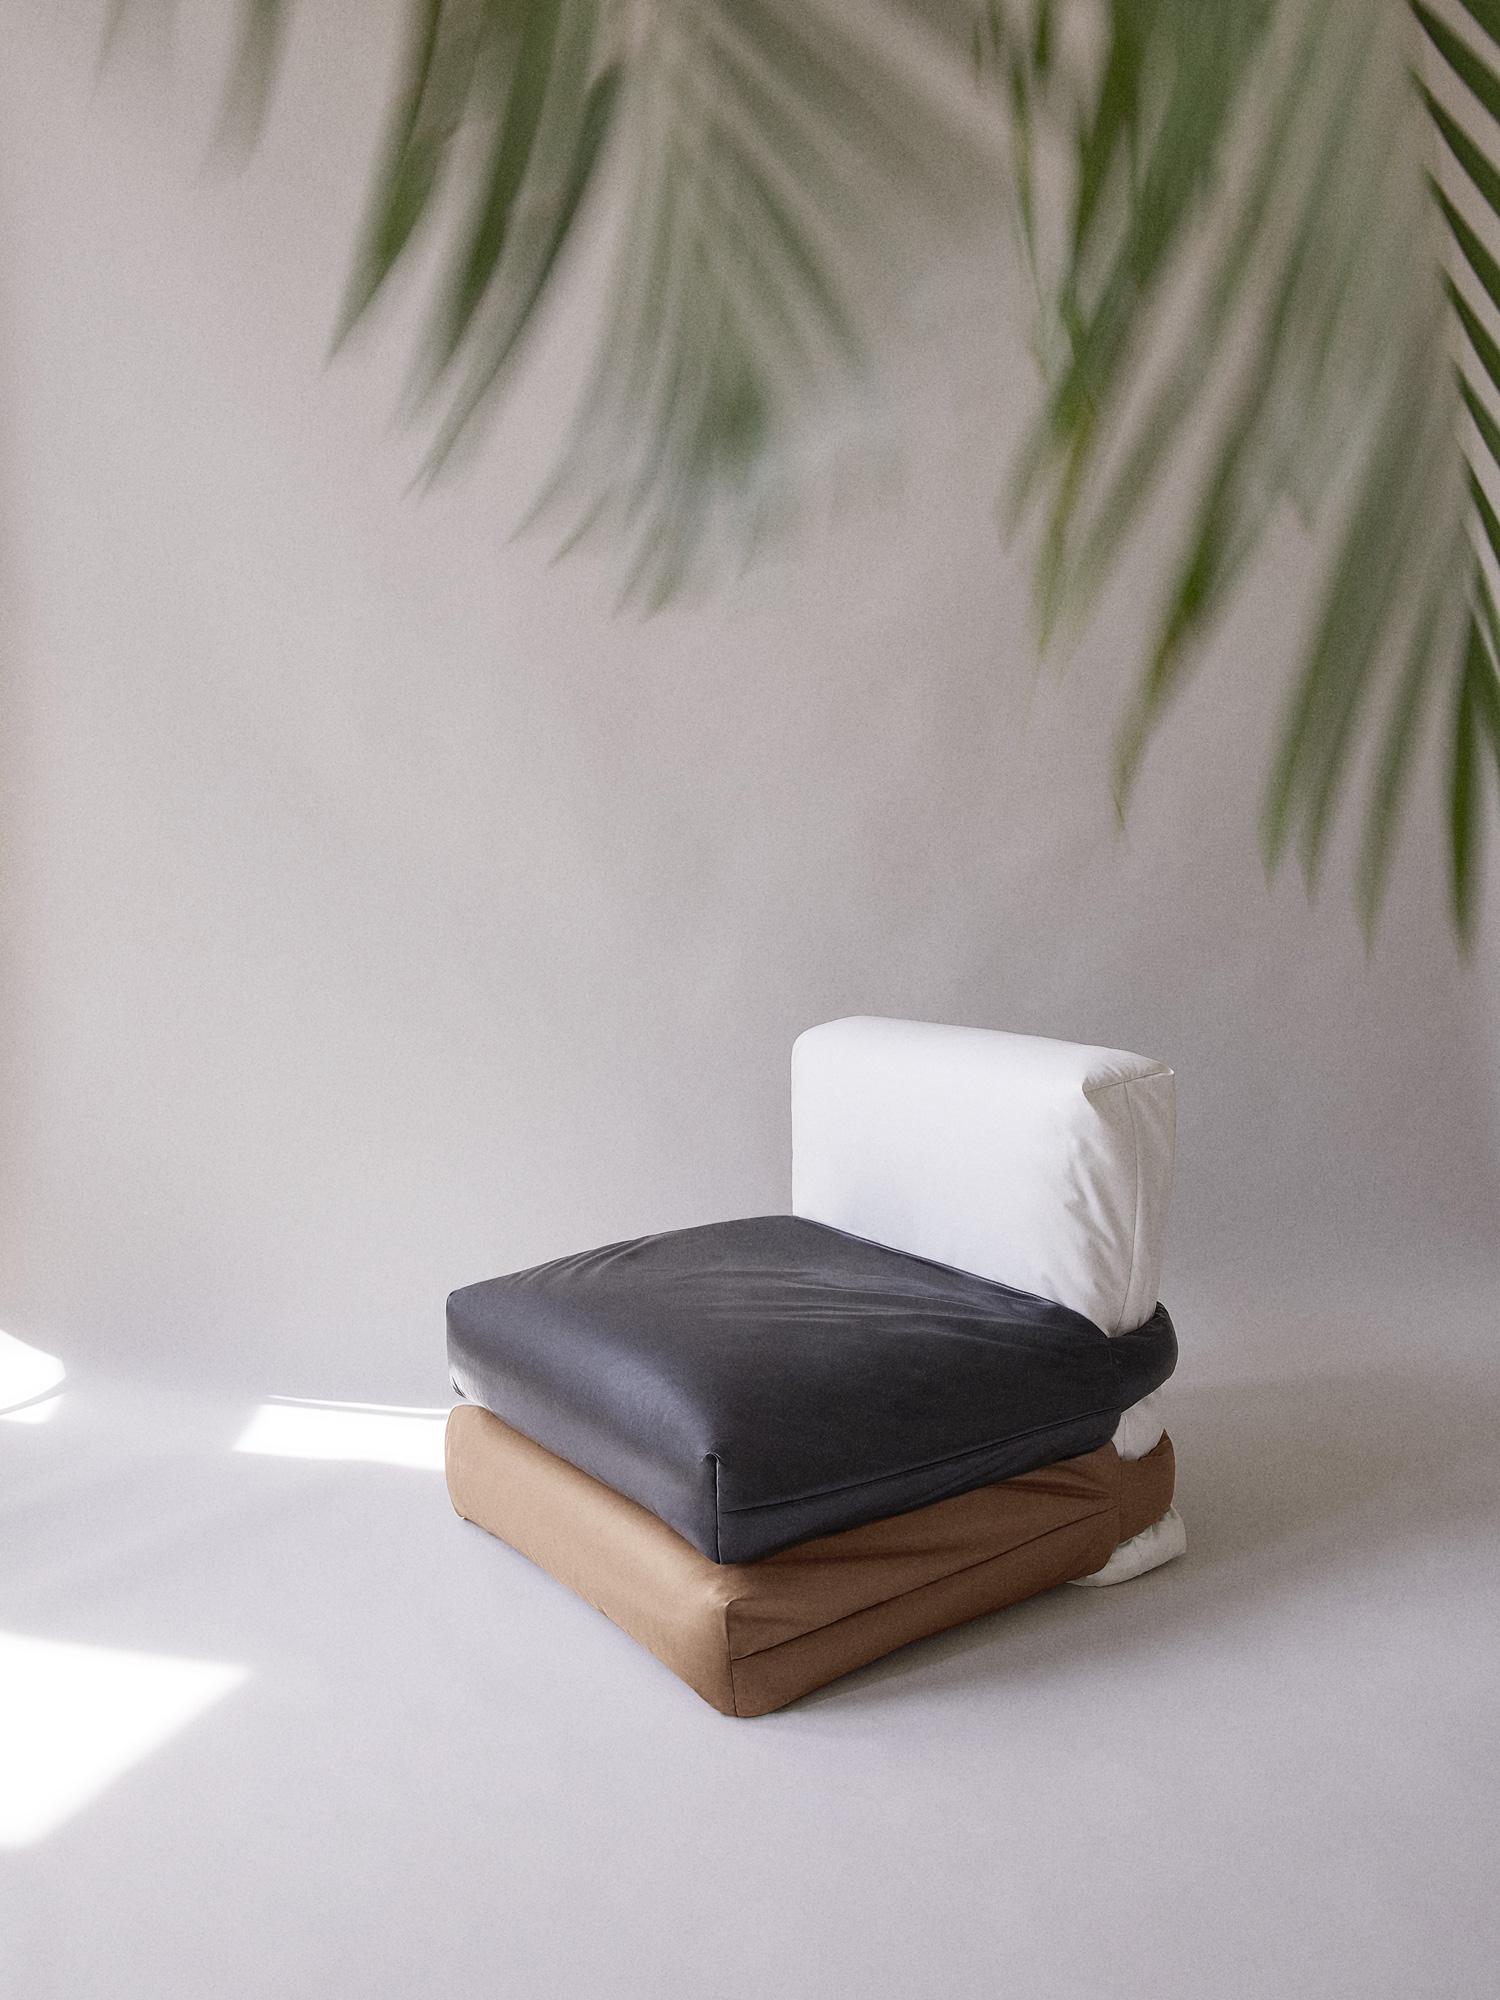 Sofa von Muller Van Severen und KASSL Editions